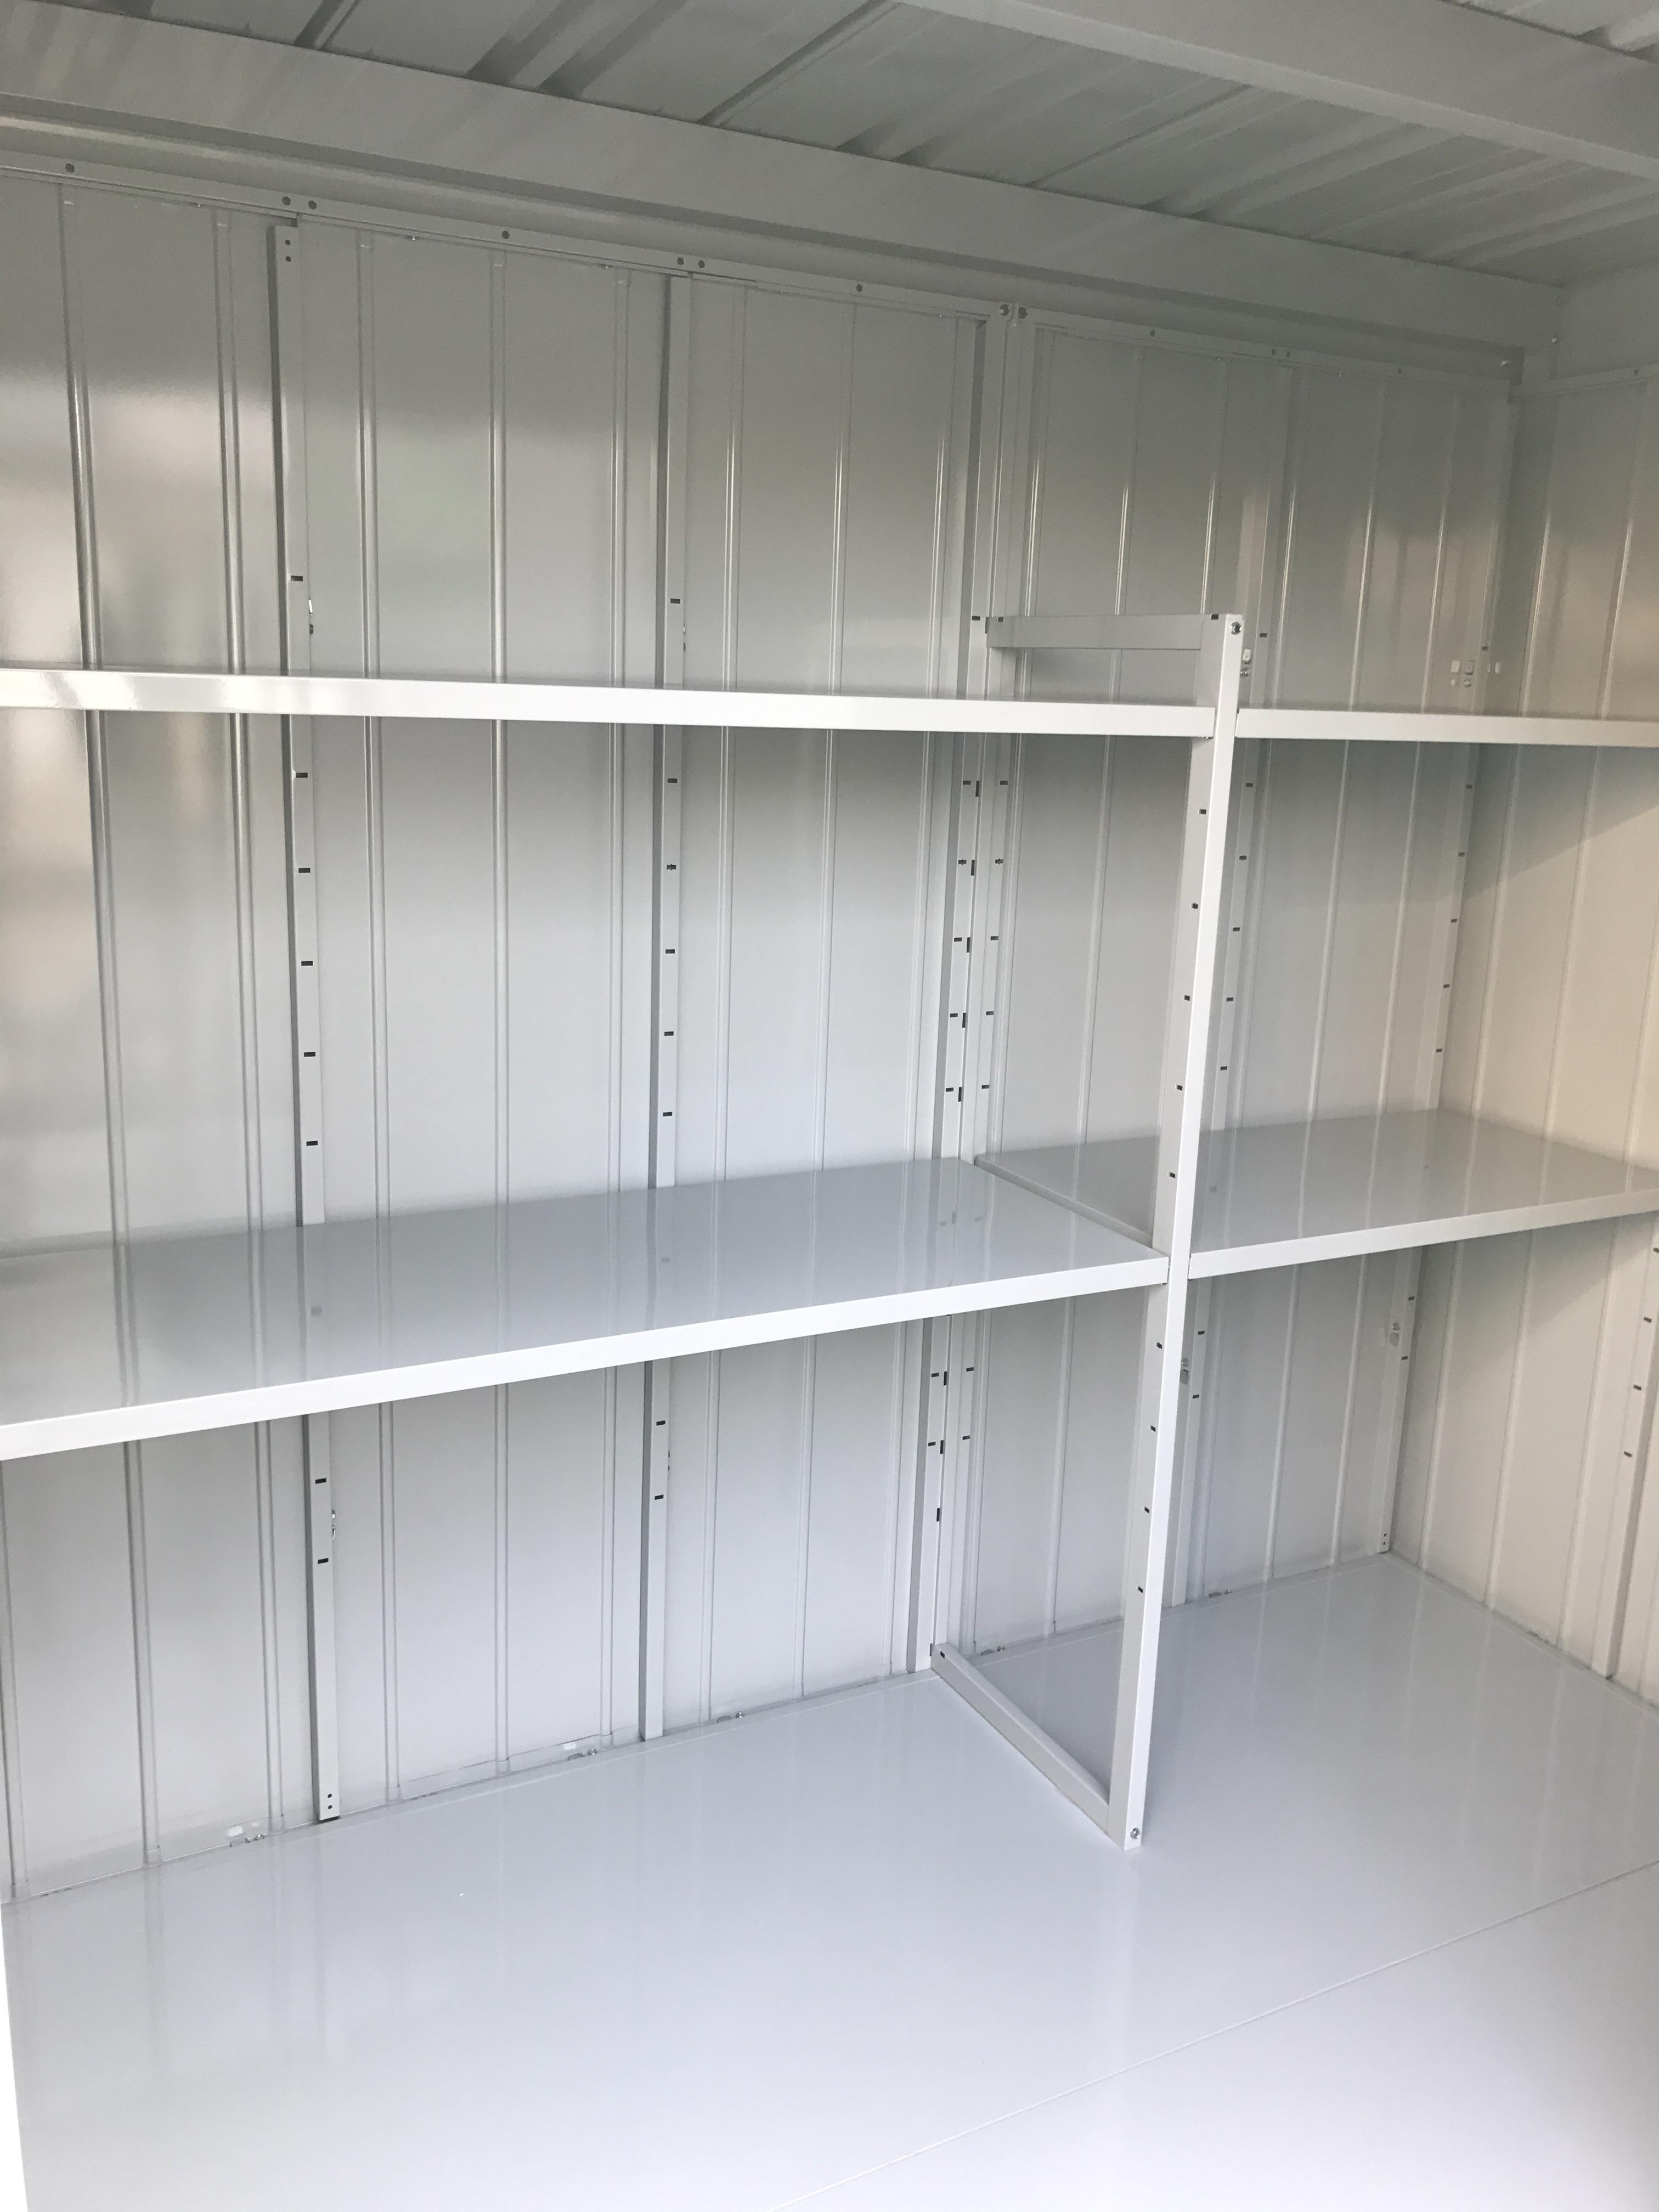 松戸陣ヶ前店 中には棚板が完備されています